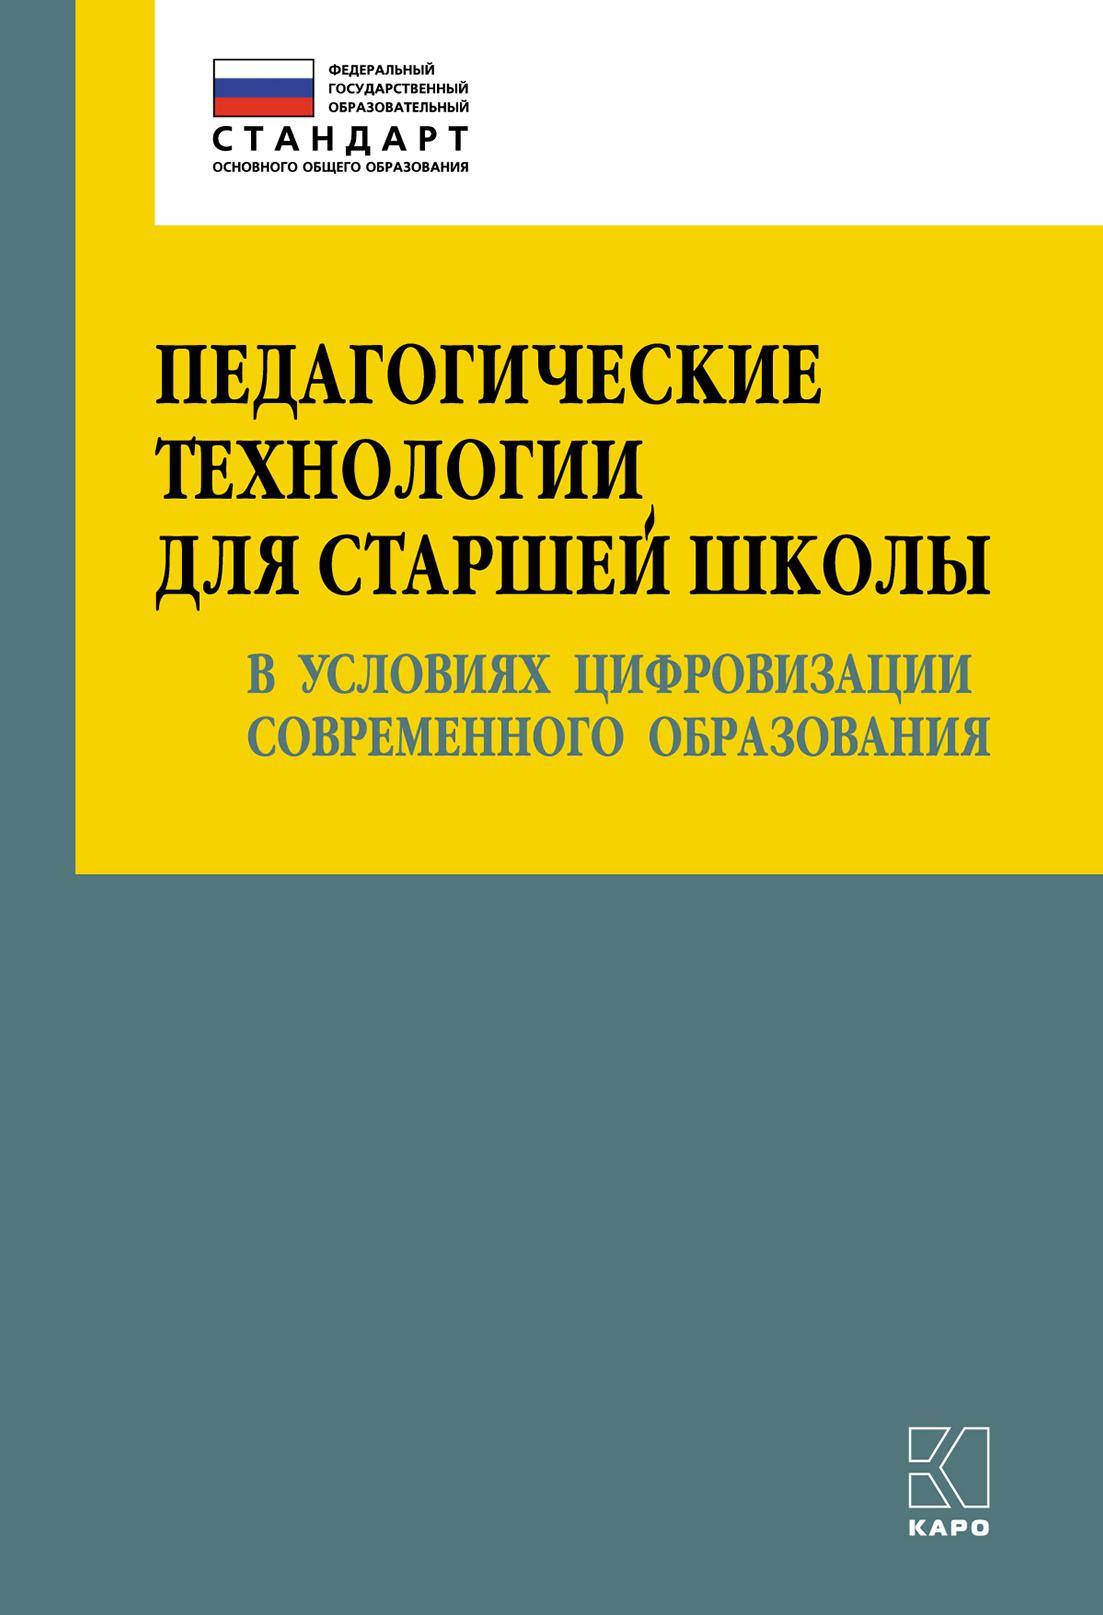 Купить книгу Педагогические технологии для старшей школы в условиях цифровизации современного образования, автора О. Б. Даутовой